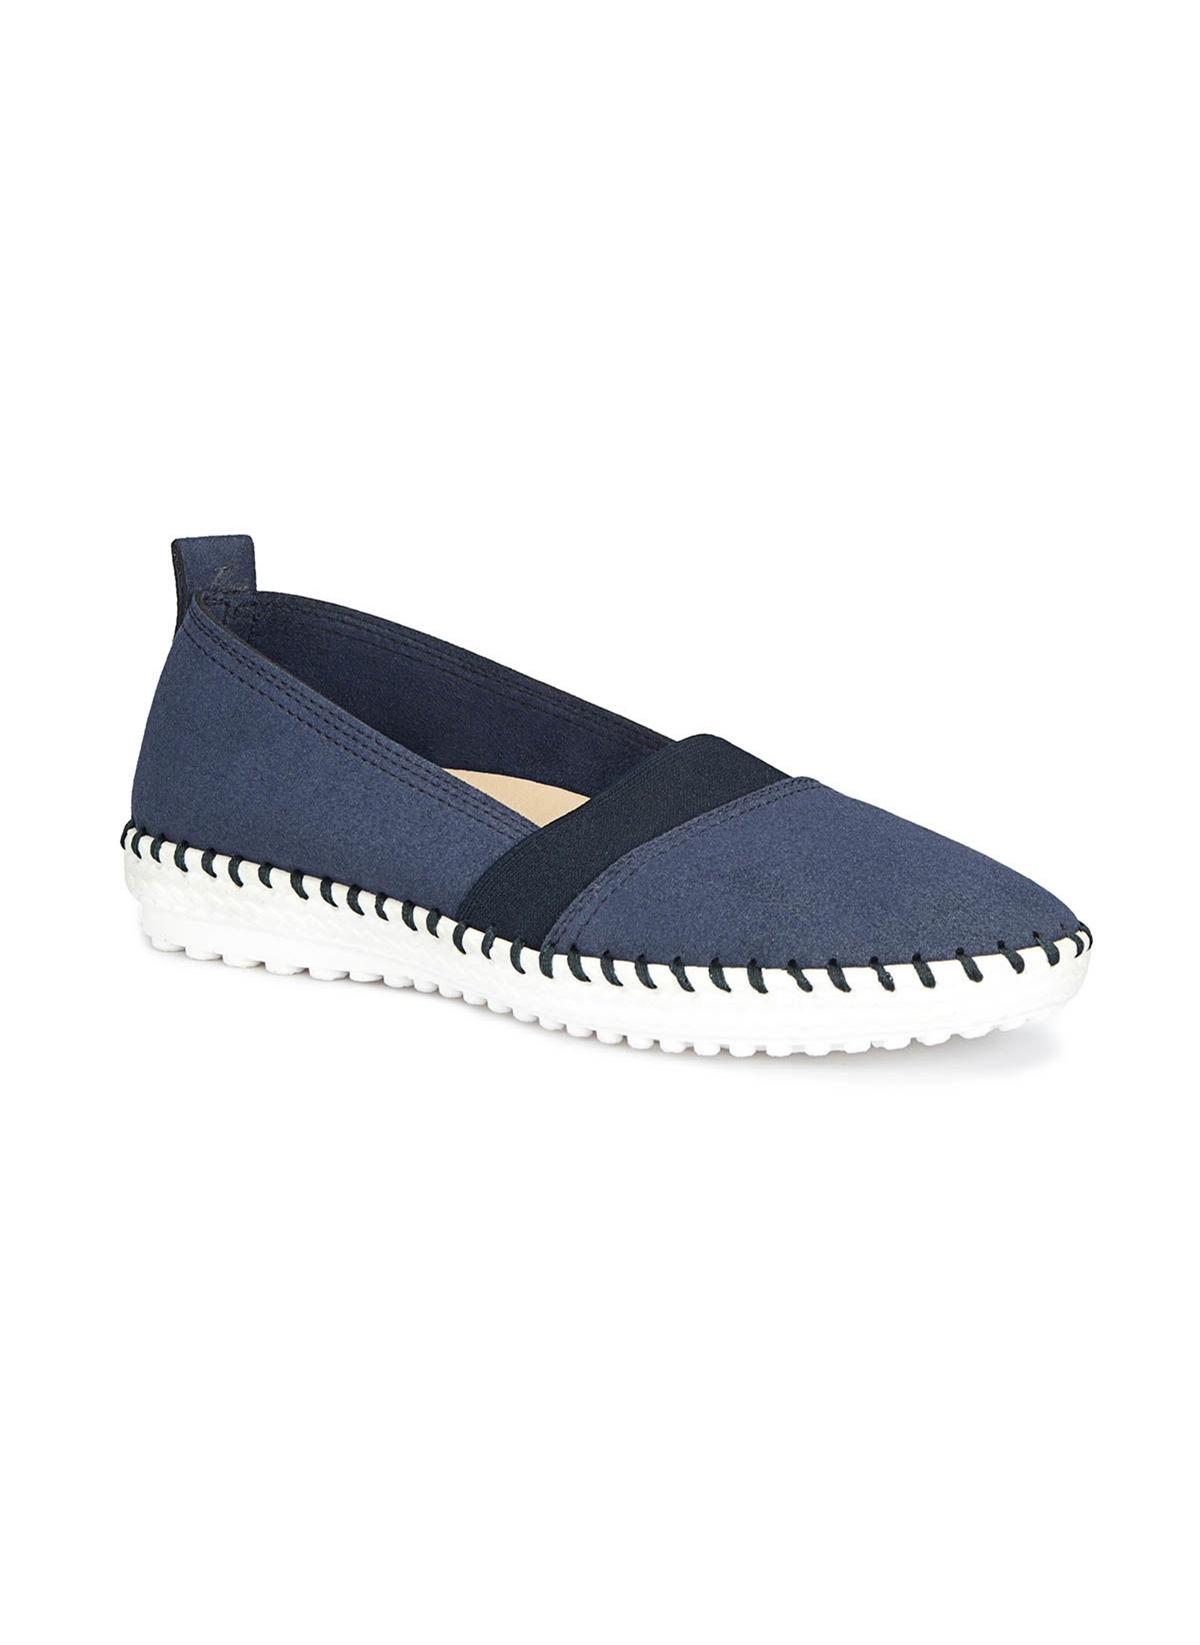 Polaris Ayakkabı 71.157317.z Basic Comfort – 29.99 TL